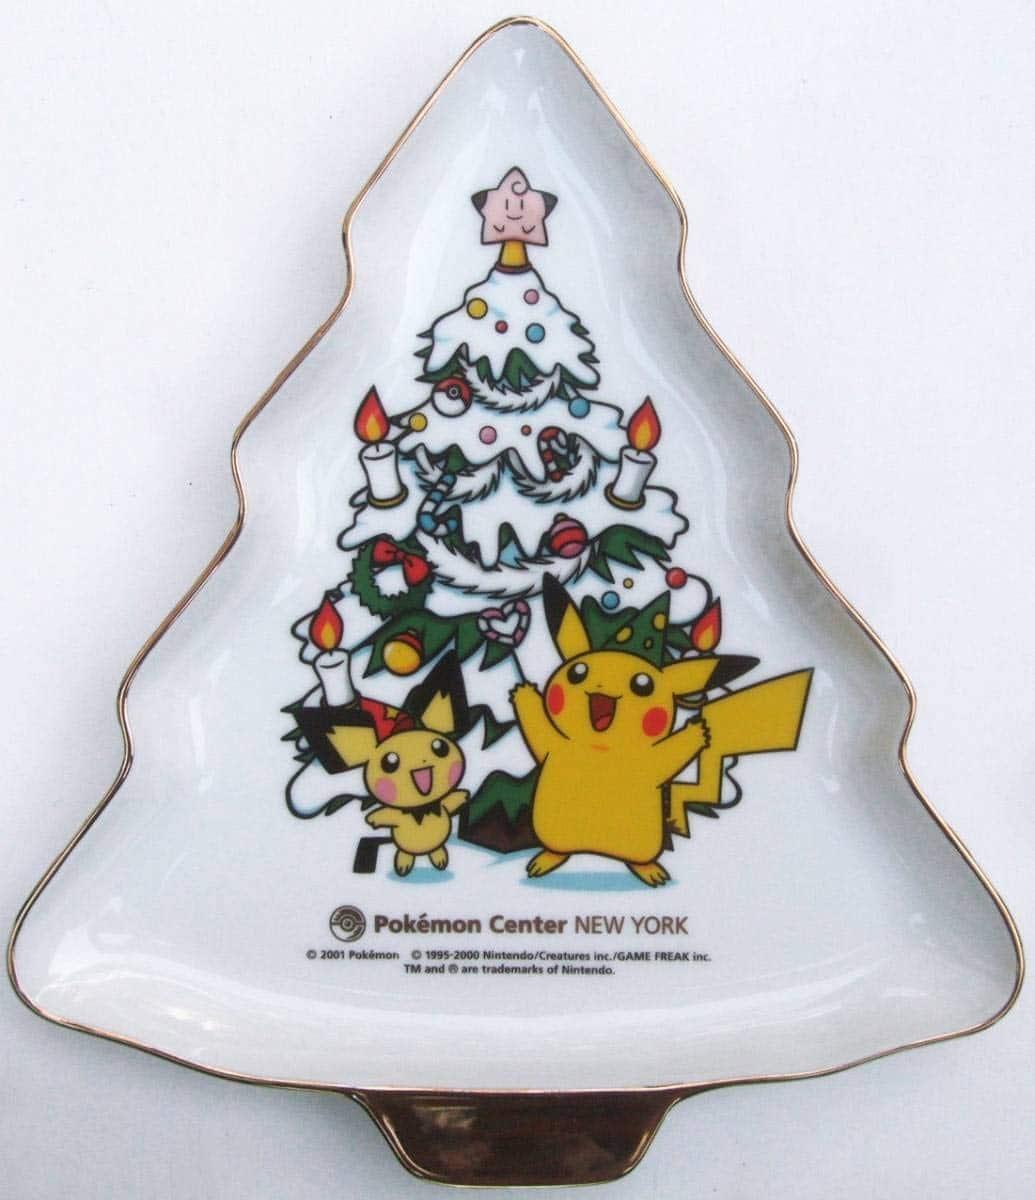 ポケモンセンターニューヨーク限定ピカチュウ&ピチュークリスマスツリープレート皿